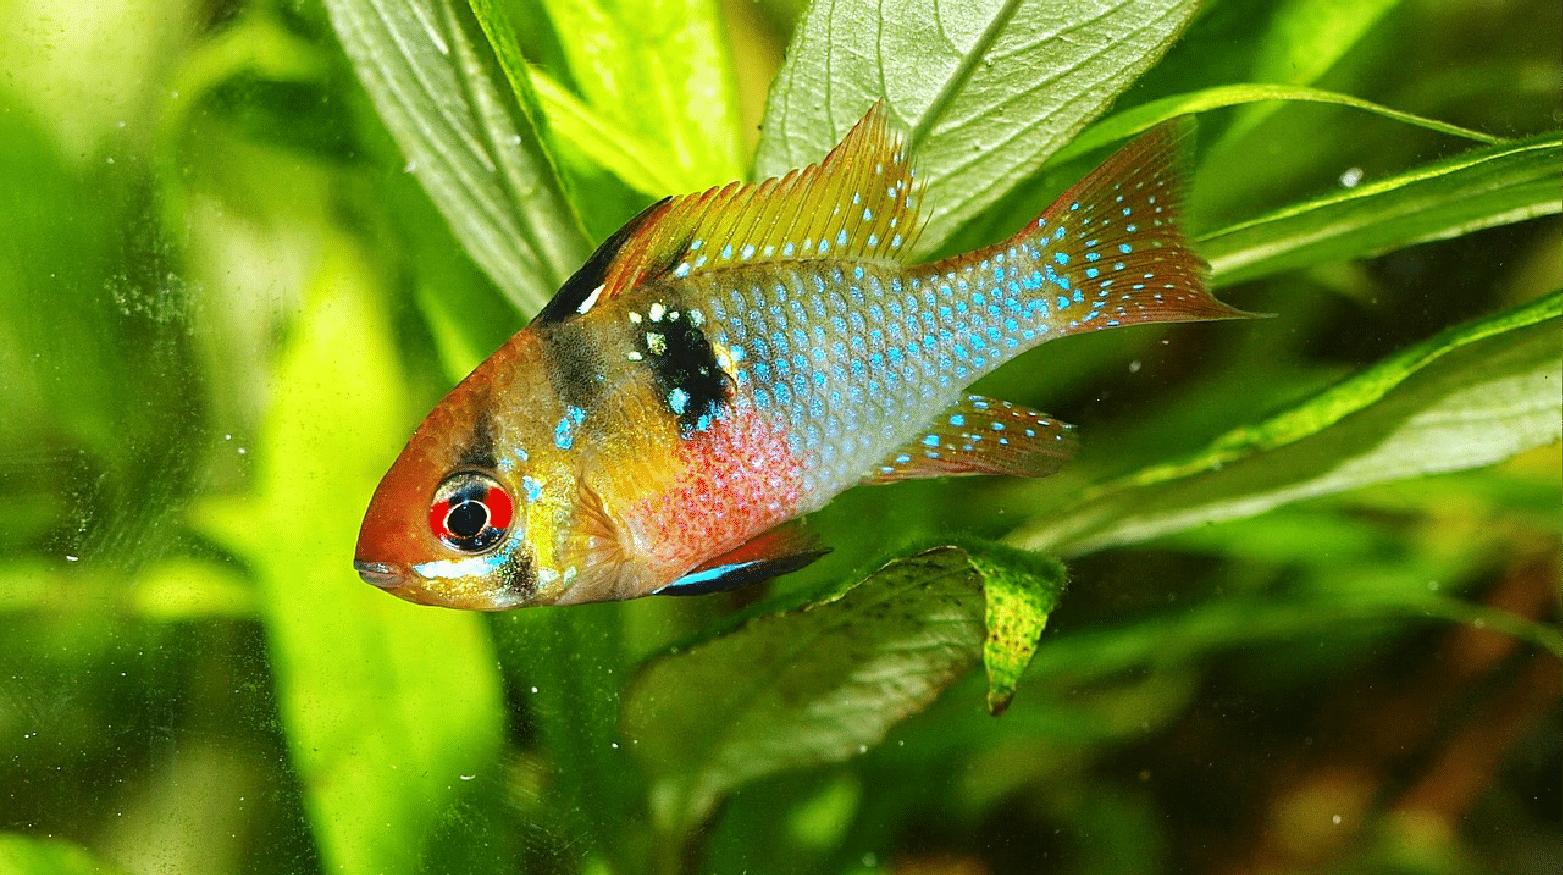 Blue Ram Cichlid Breeding And Care Guide - Build Your Aquarium